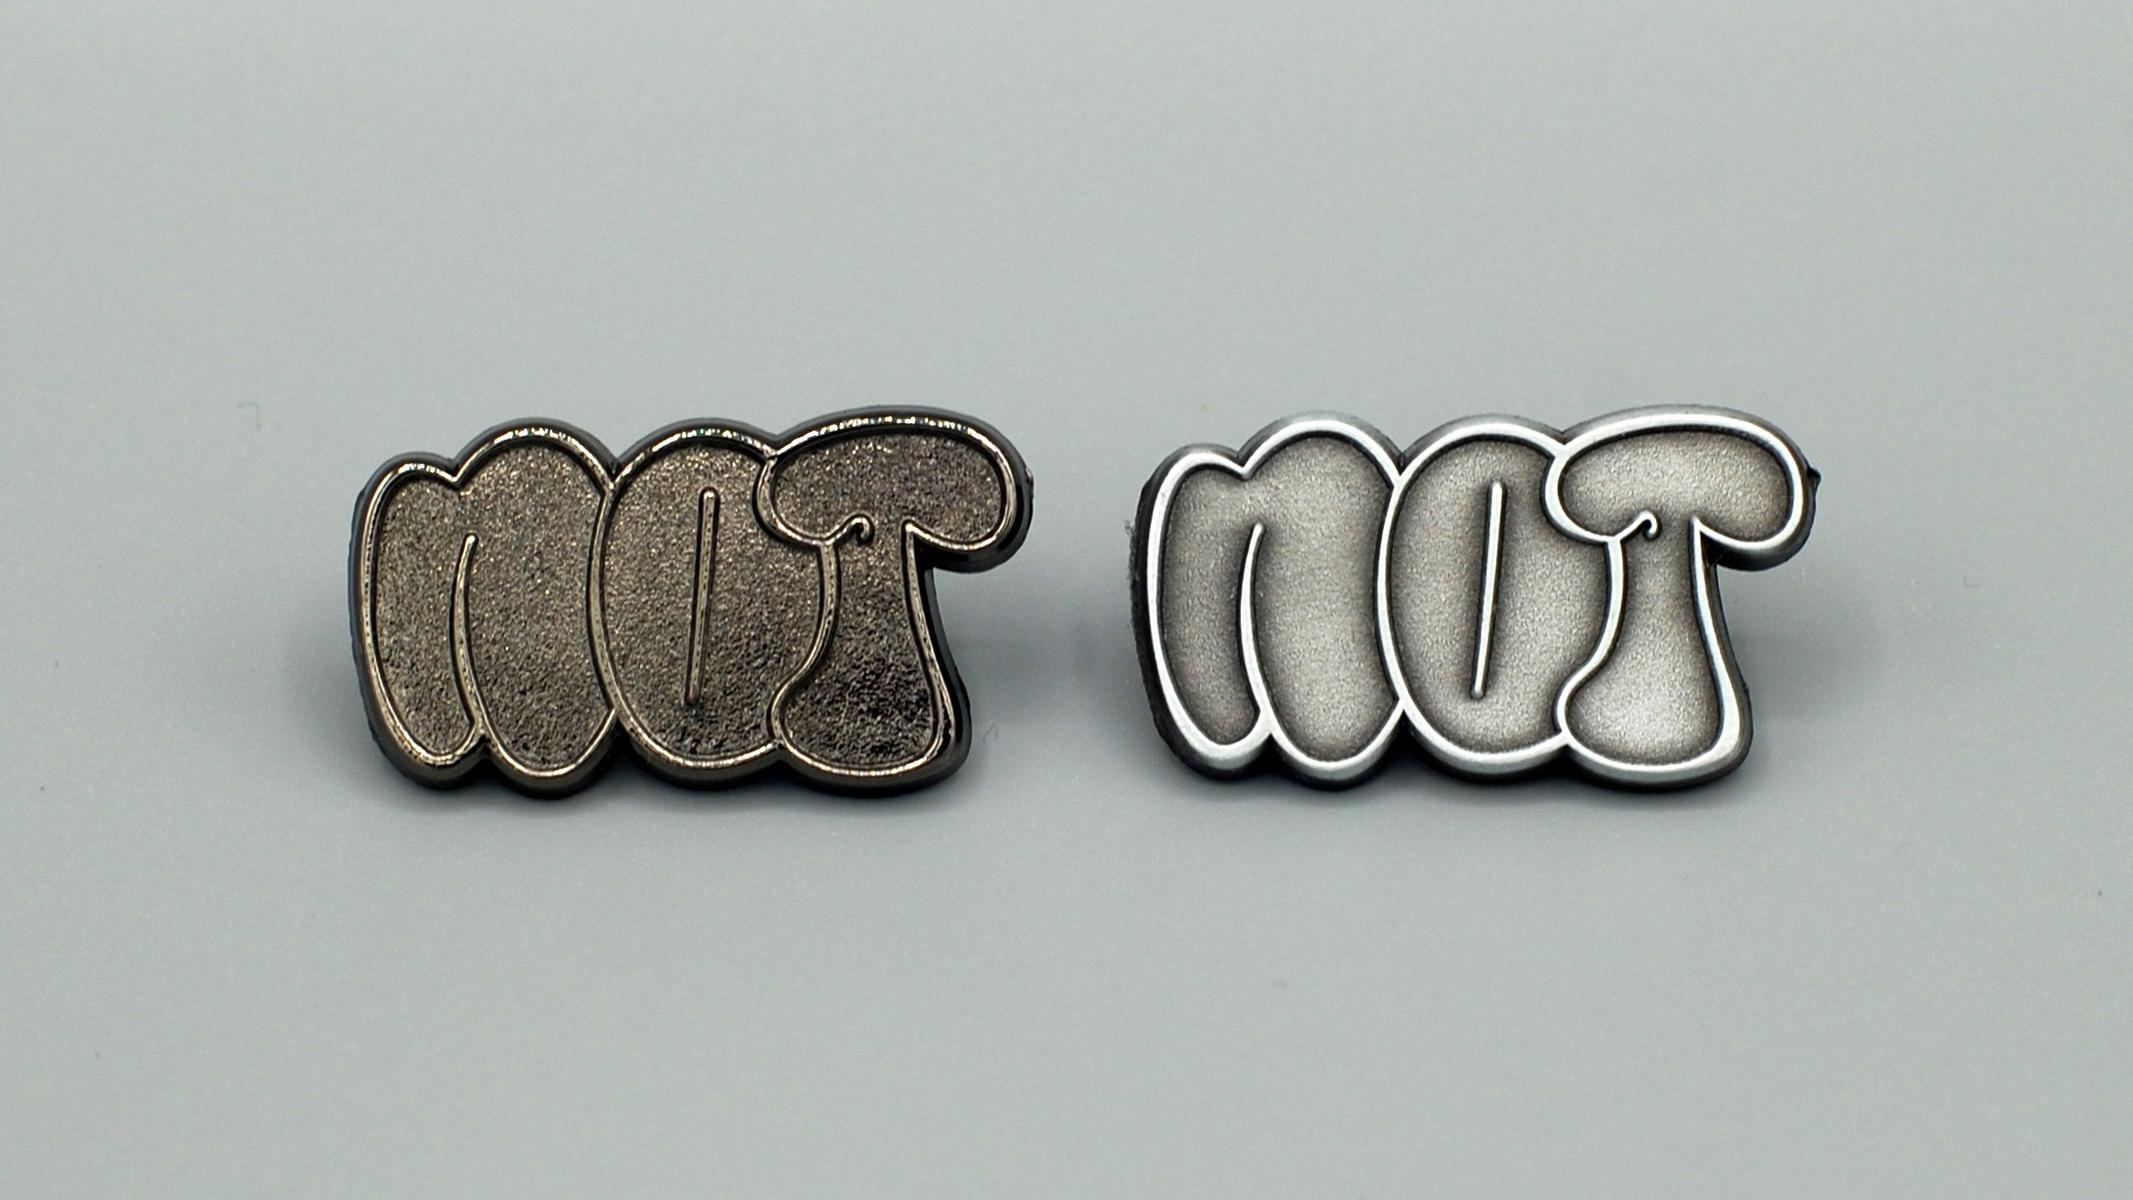 Raw Duo (Black Nickel + Antique Silver)